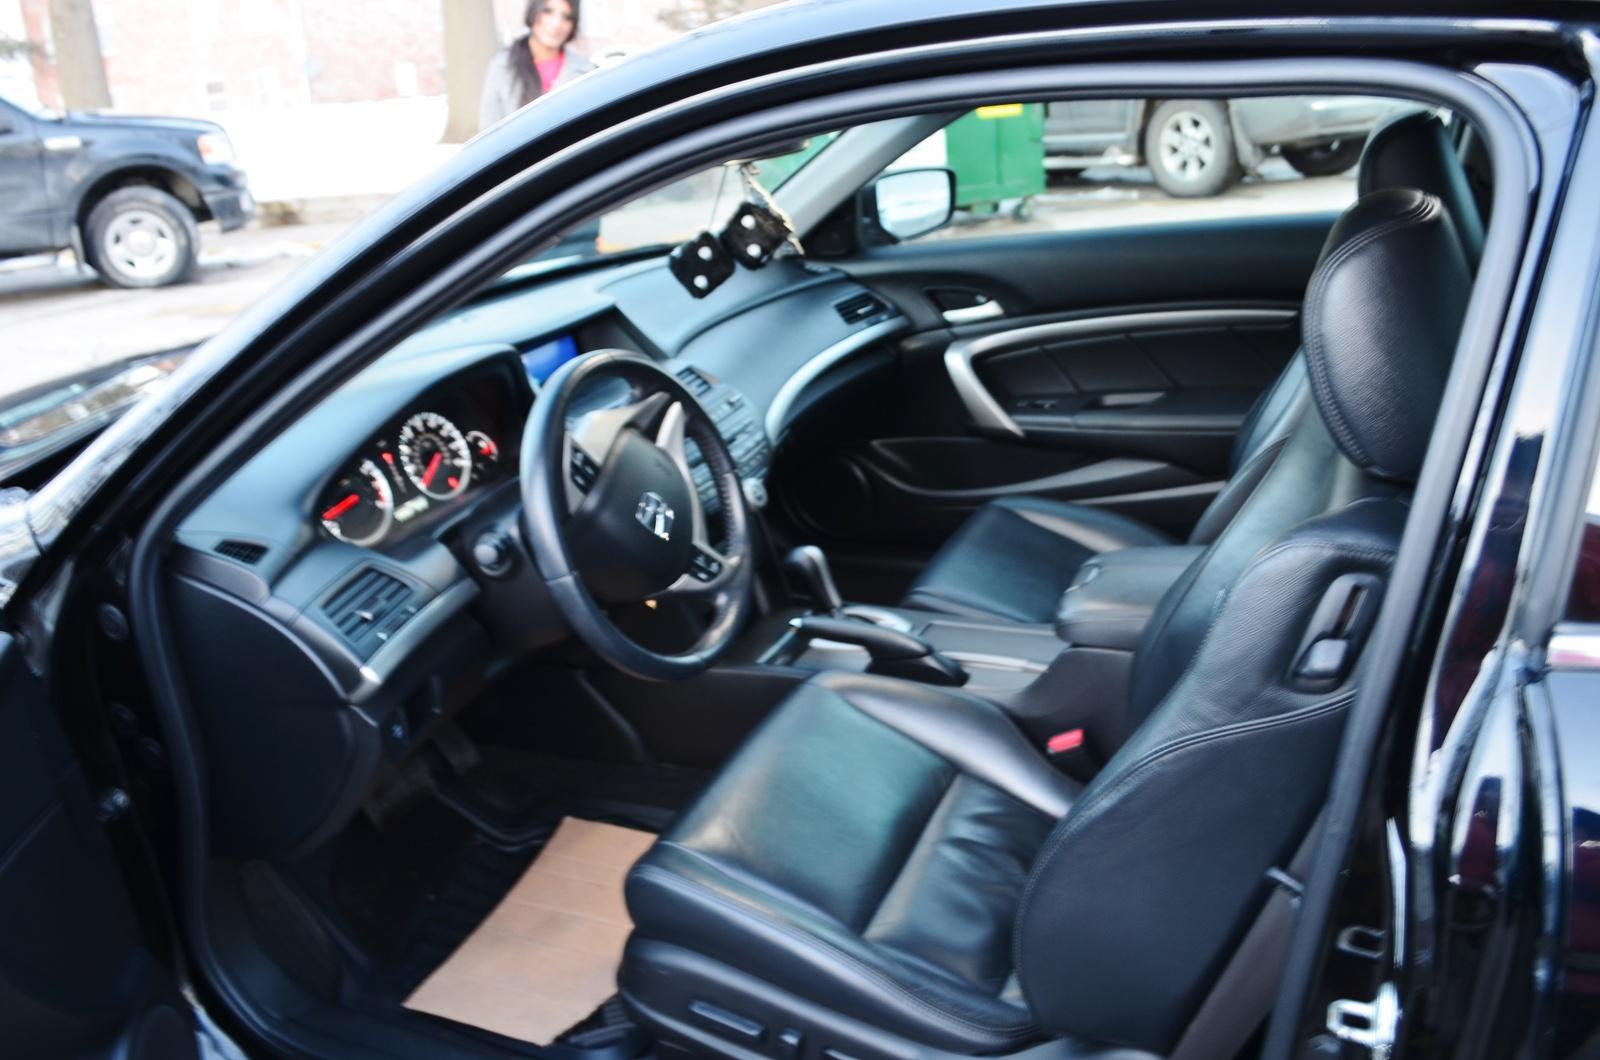 2008 Honda Accord Coupe Interior Pictures Cargurus